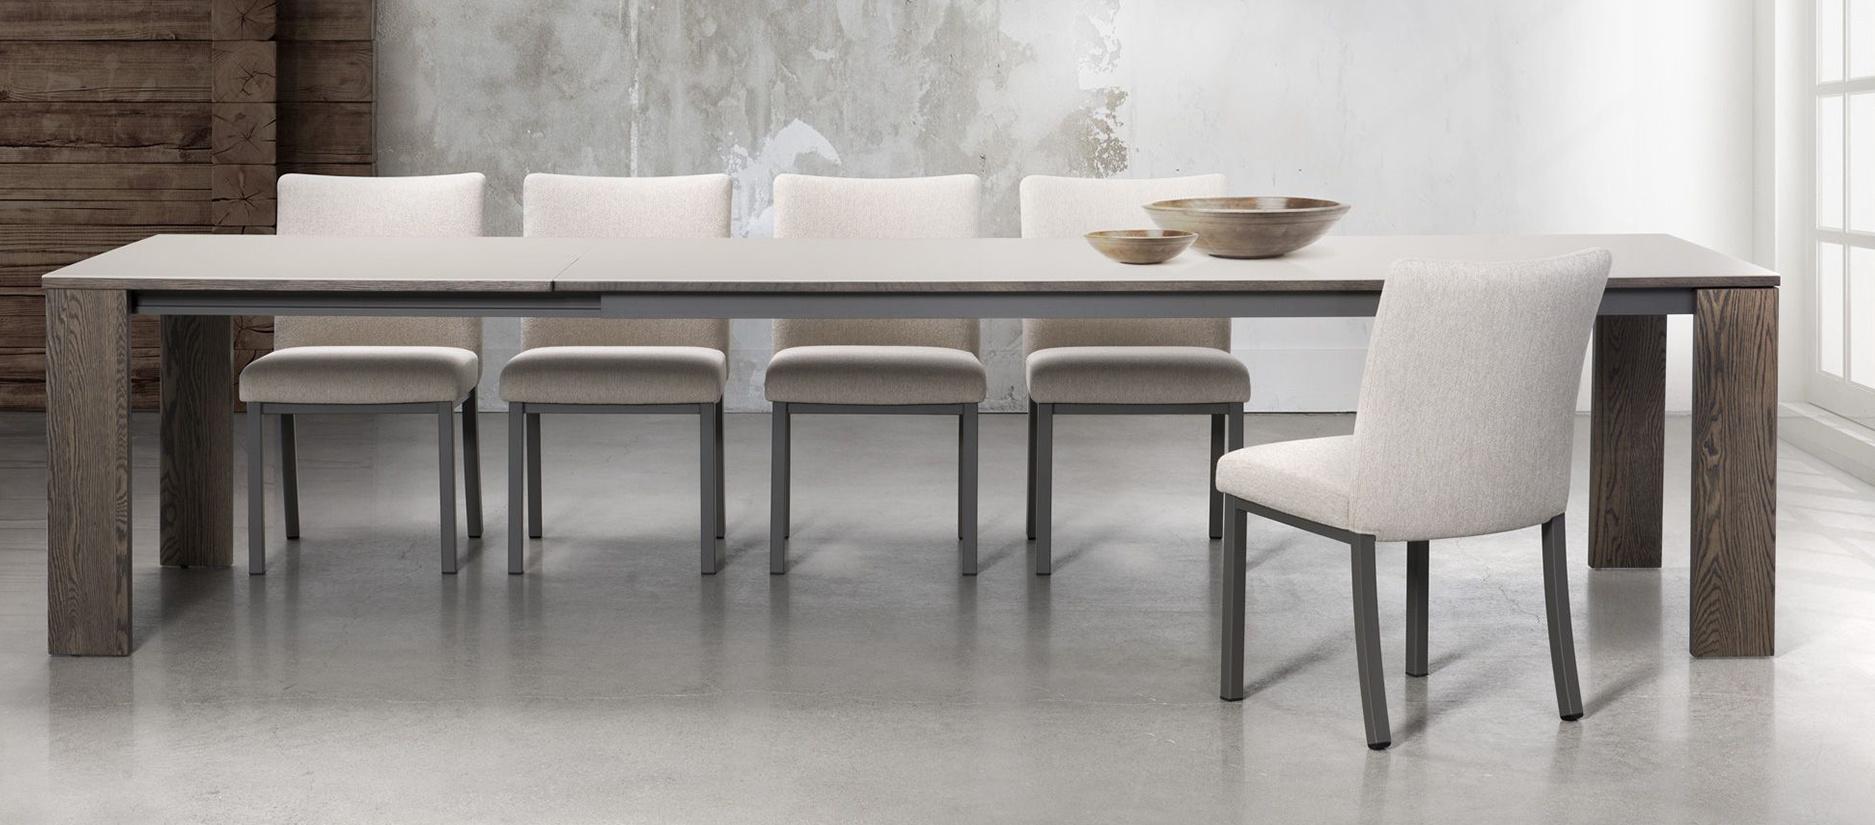 TRICA furniture, Made in Canada